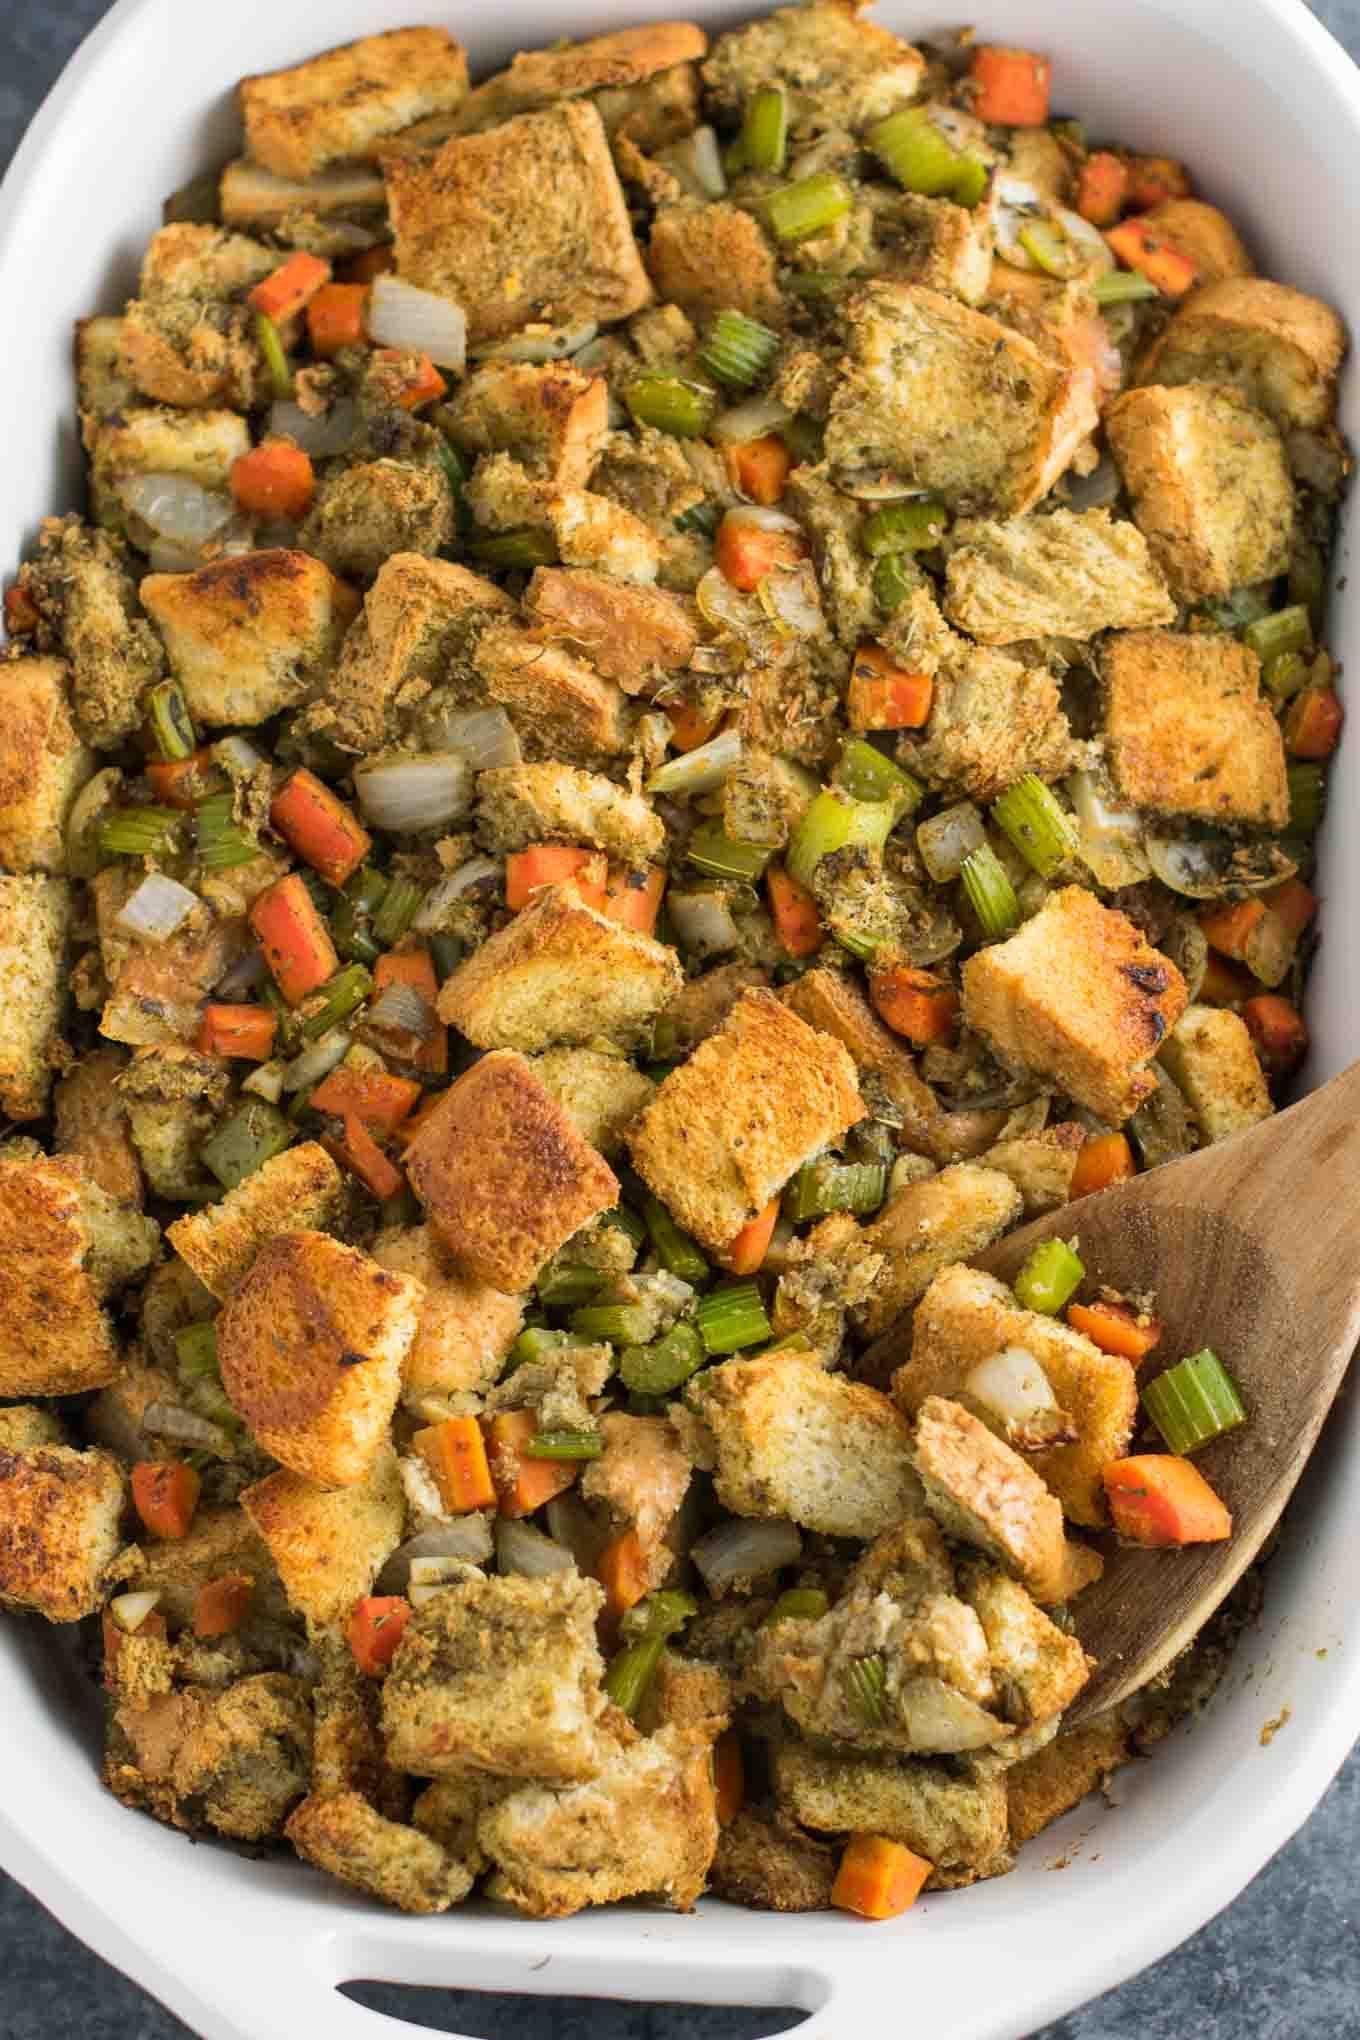 Vegetarian Stuffing Recipes Thanksgiving  Easy Vegan Stuffing Recipe gluten free dairy free